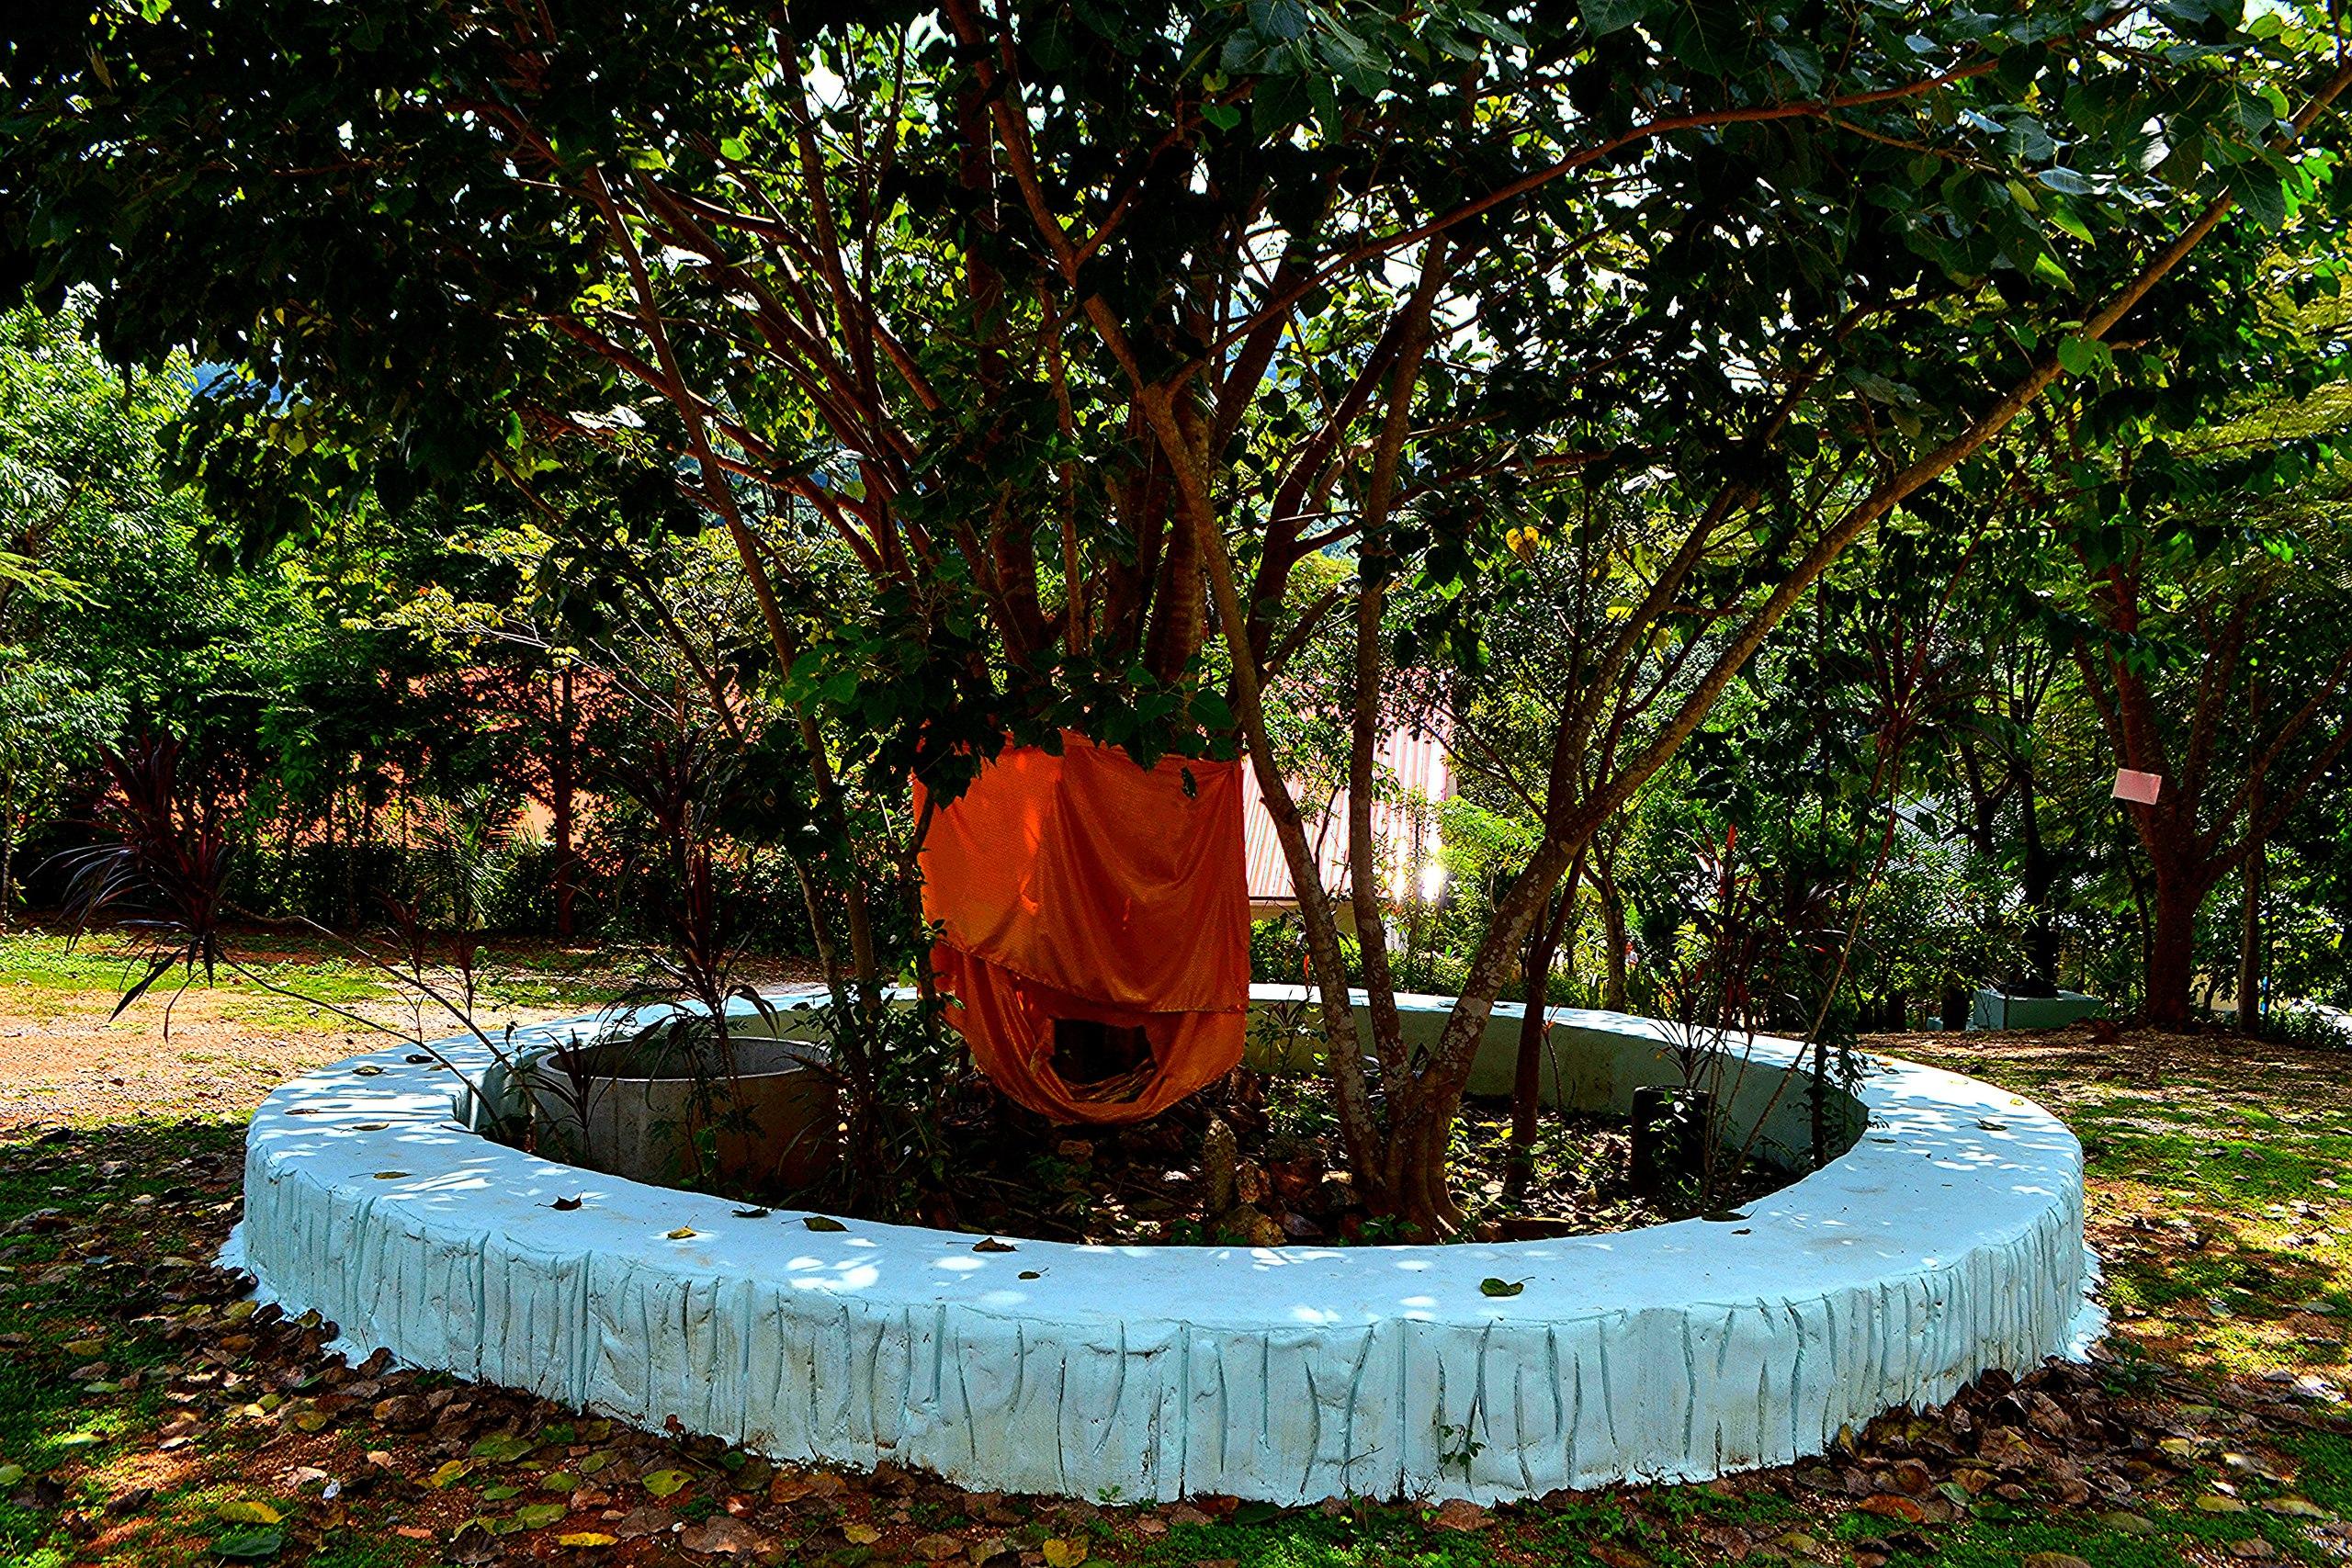 Елена Руденко (Валтея). Таиланд. Буддийский храм в горах. ZxqY5YL3zVQ